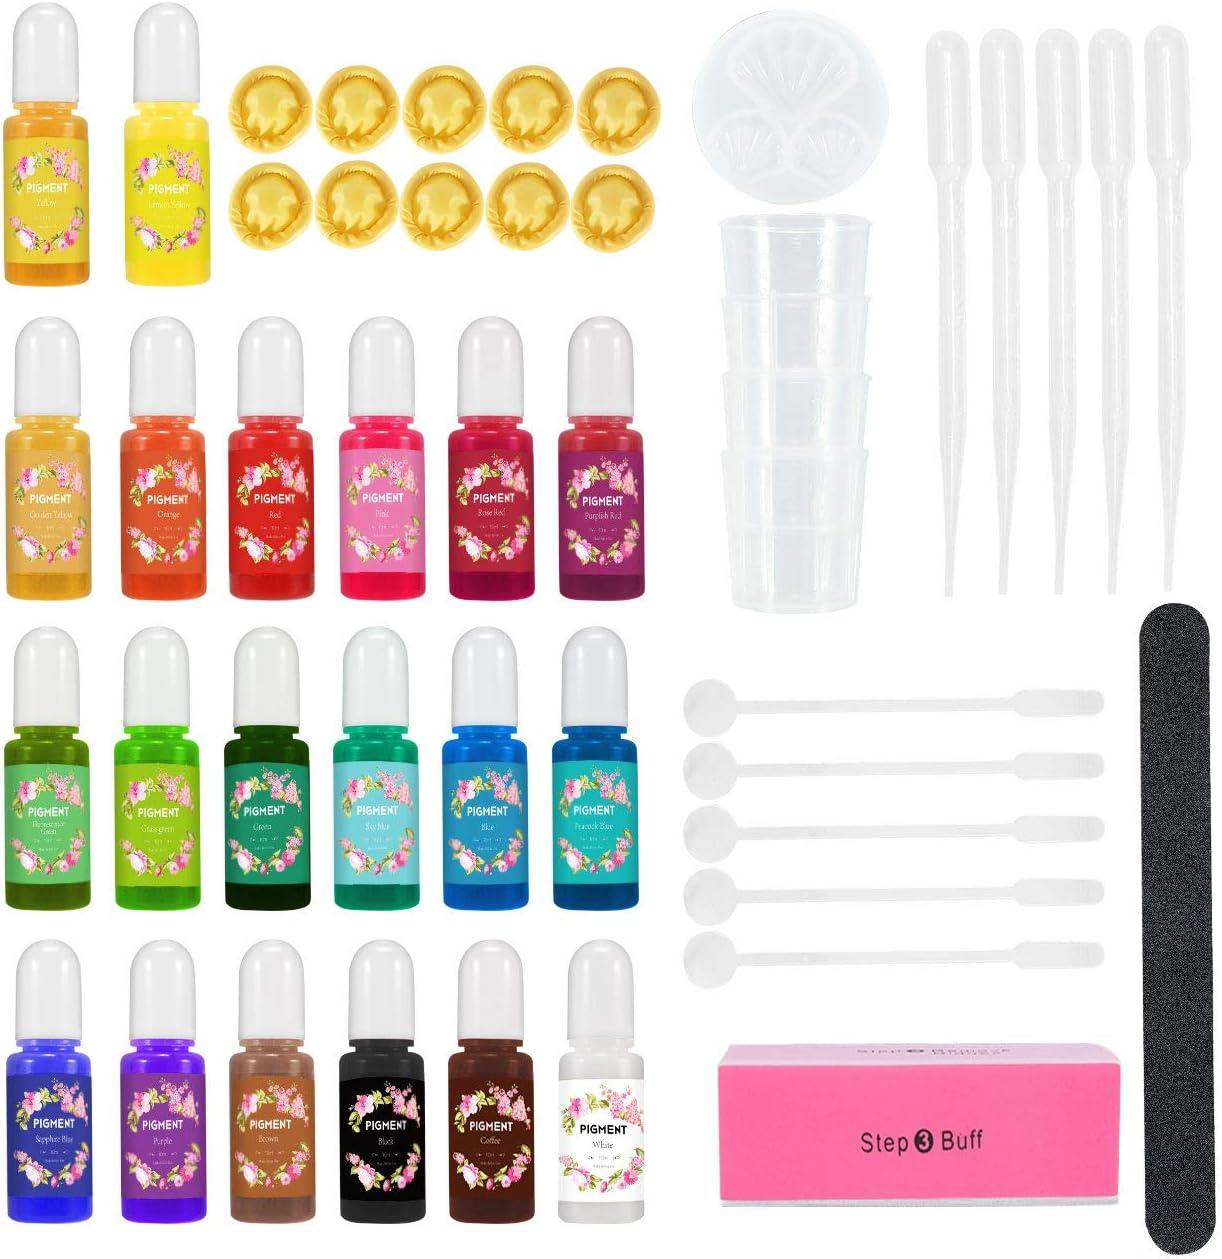 Colorante Resina Epoxi 20 Colores, Gifort Pigmento de Resina Epoxi Líquida Transparente Concentrada, Tinte de Bomba de Baño Natural para la Fabricación de Jabón, Pintura, Artesanal, 20 x 10ml